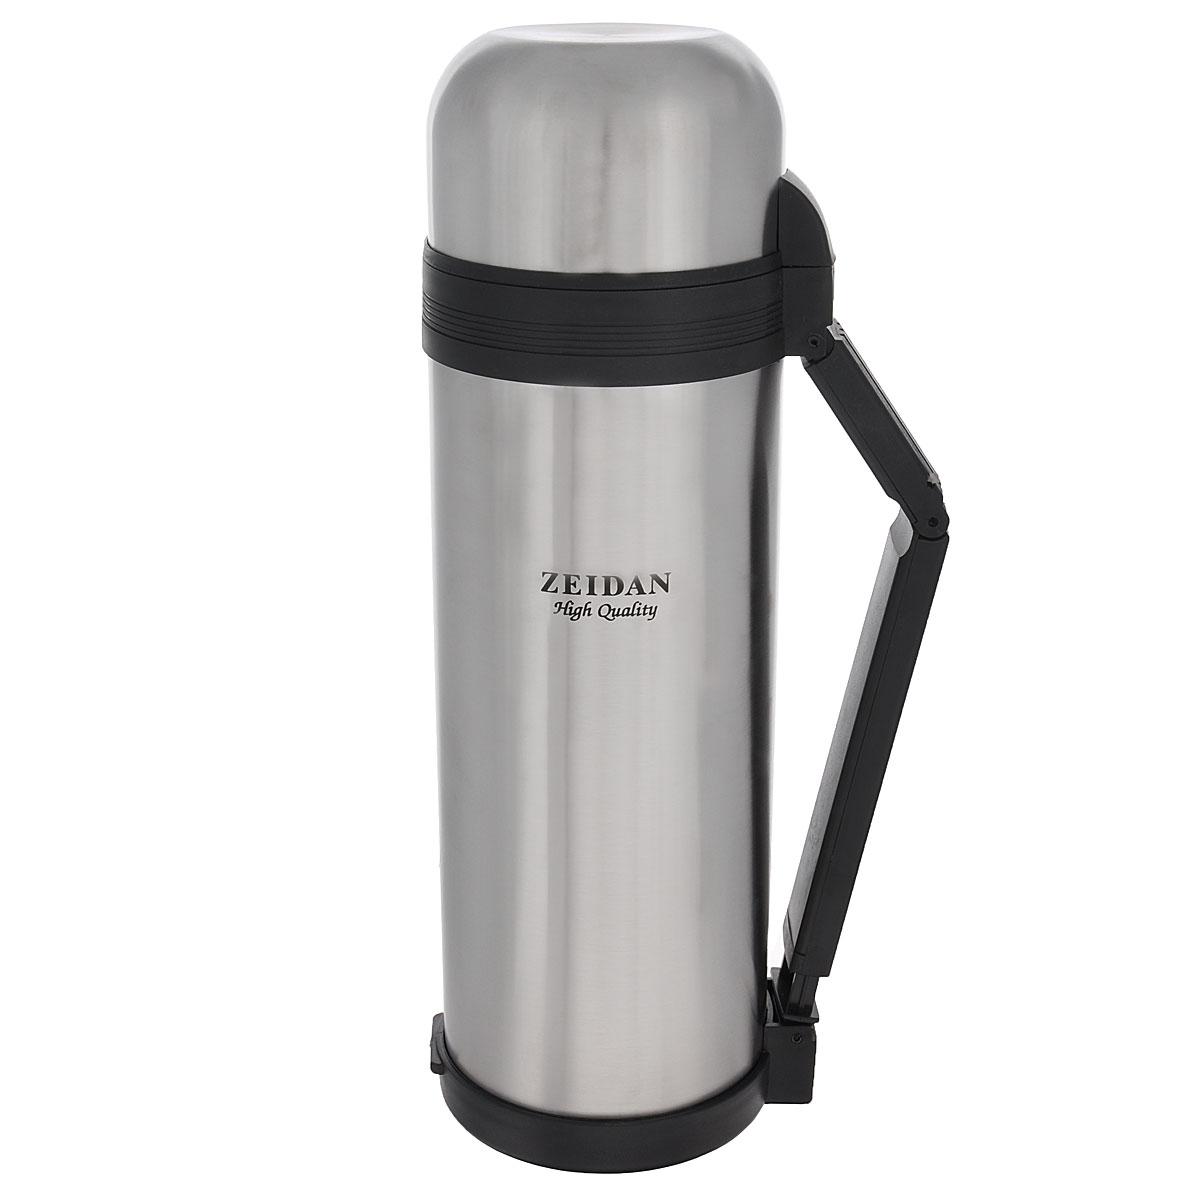 Термос Zeidan Aiden, 1,8 лZ-9016 AidenТермос Zeidan Aiden, изготовленный из высококачественной нержавеющей стали, является простым в использовании, экономичным и многофункциональным. Термос с вакуумной изоляцией, предназначенный для хранения горячих и холодных напитков (чая, кофе). Изделие укомплектовано пробкой с кнопкой. Такая пробка удобна в использовании и позволяет, не отвинчивая ее, наливать напитки после простого нажатия. Изделие также оснащено крышкой-чашкой, дополнительной чашкой, складной ручкой и специальным ремнем для удобной переноски термоса. Легкий и прочный термос Zeidan Aiden сохранит ваши напитки горячими или холодными надолго.Высота (с учетом крышки): 33,5 см.Диаметр горлышка: 7,5 см.